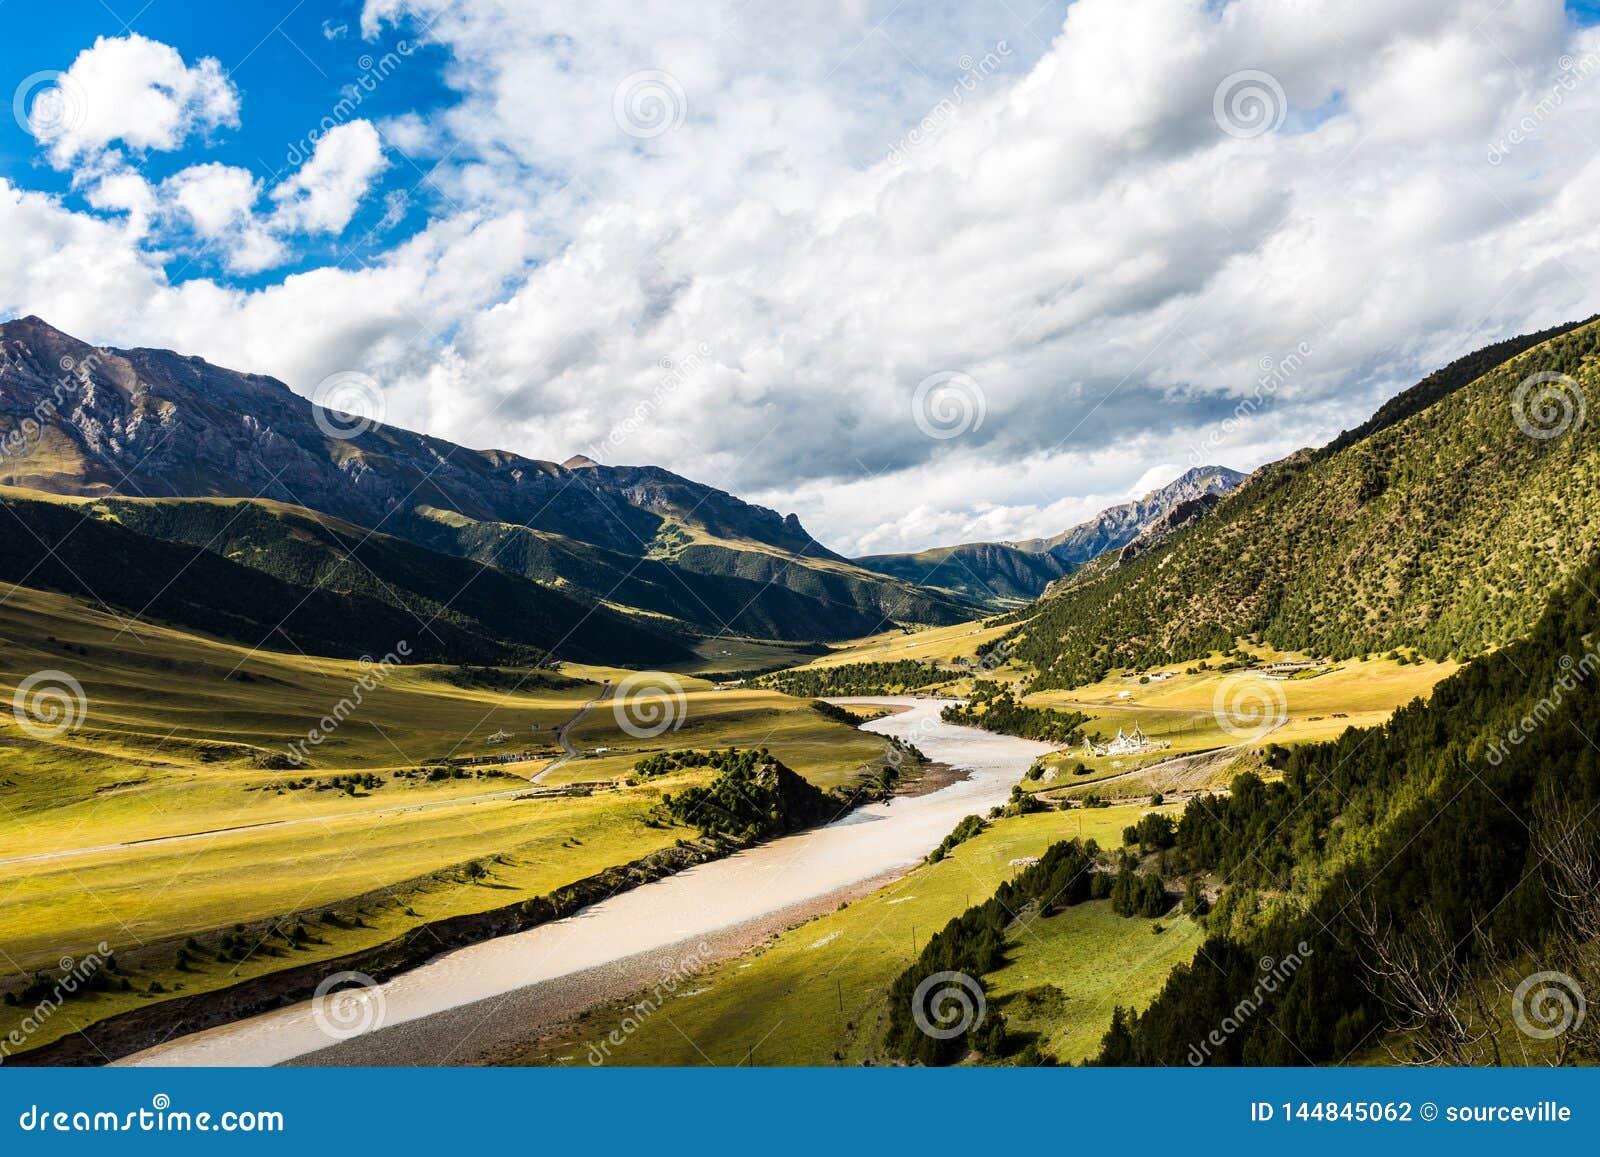 Aardlandschap van het overweldigen van bergen en water onder duidelijke blauwe hemel met wolken